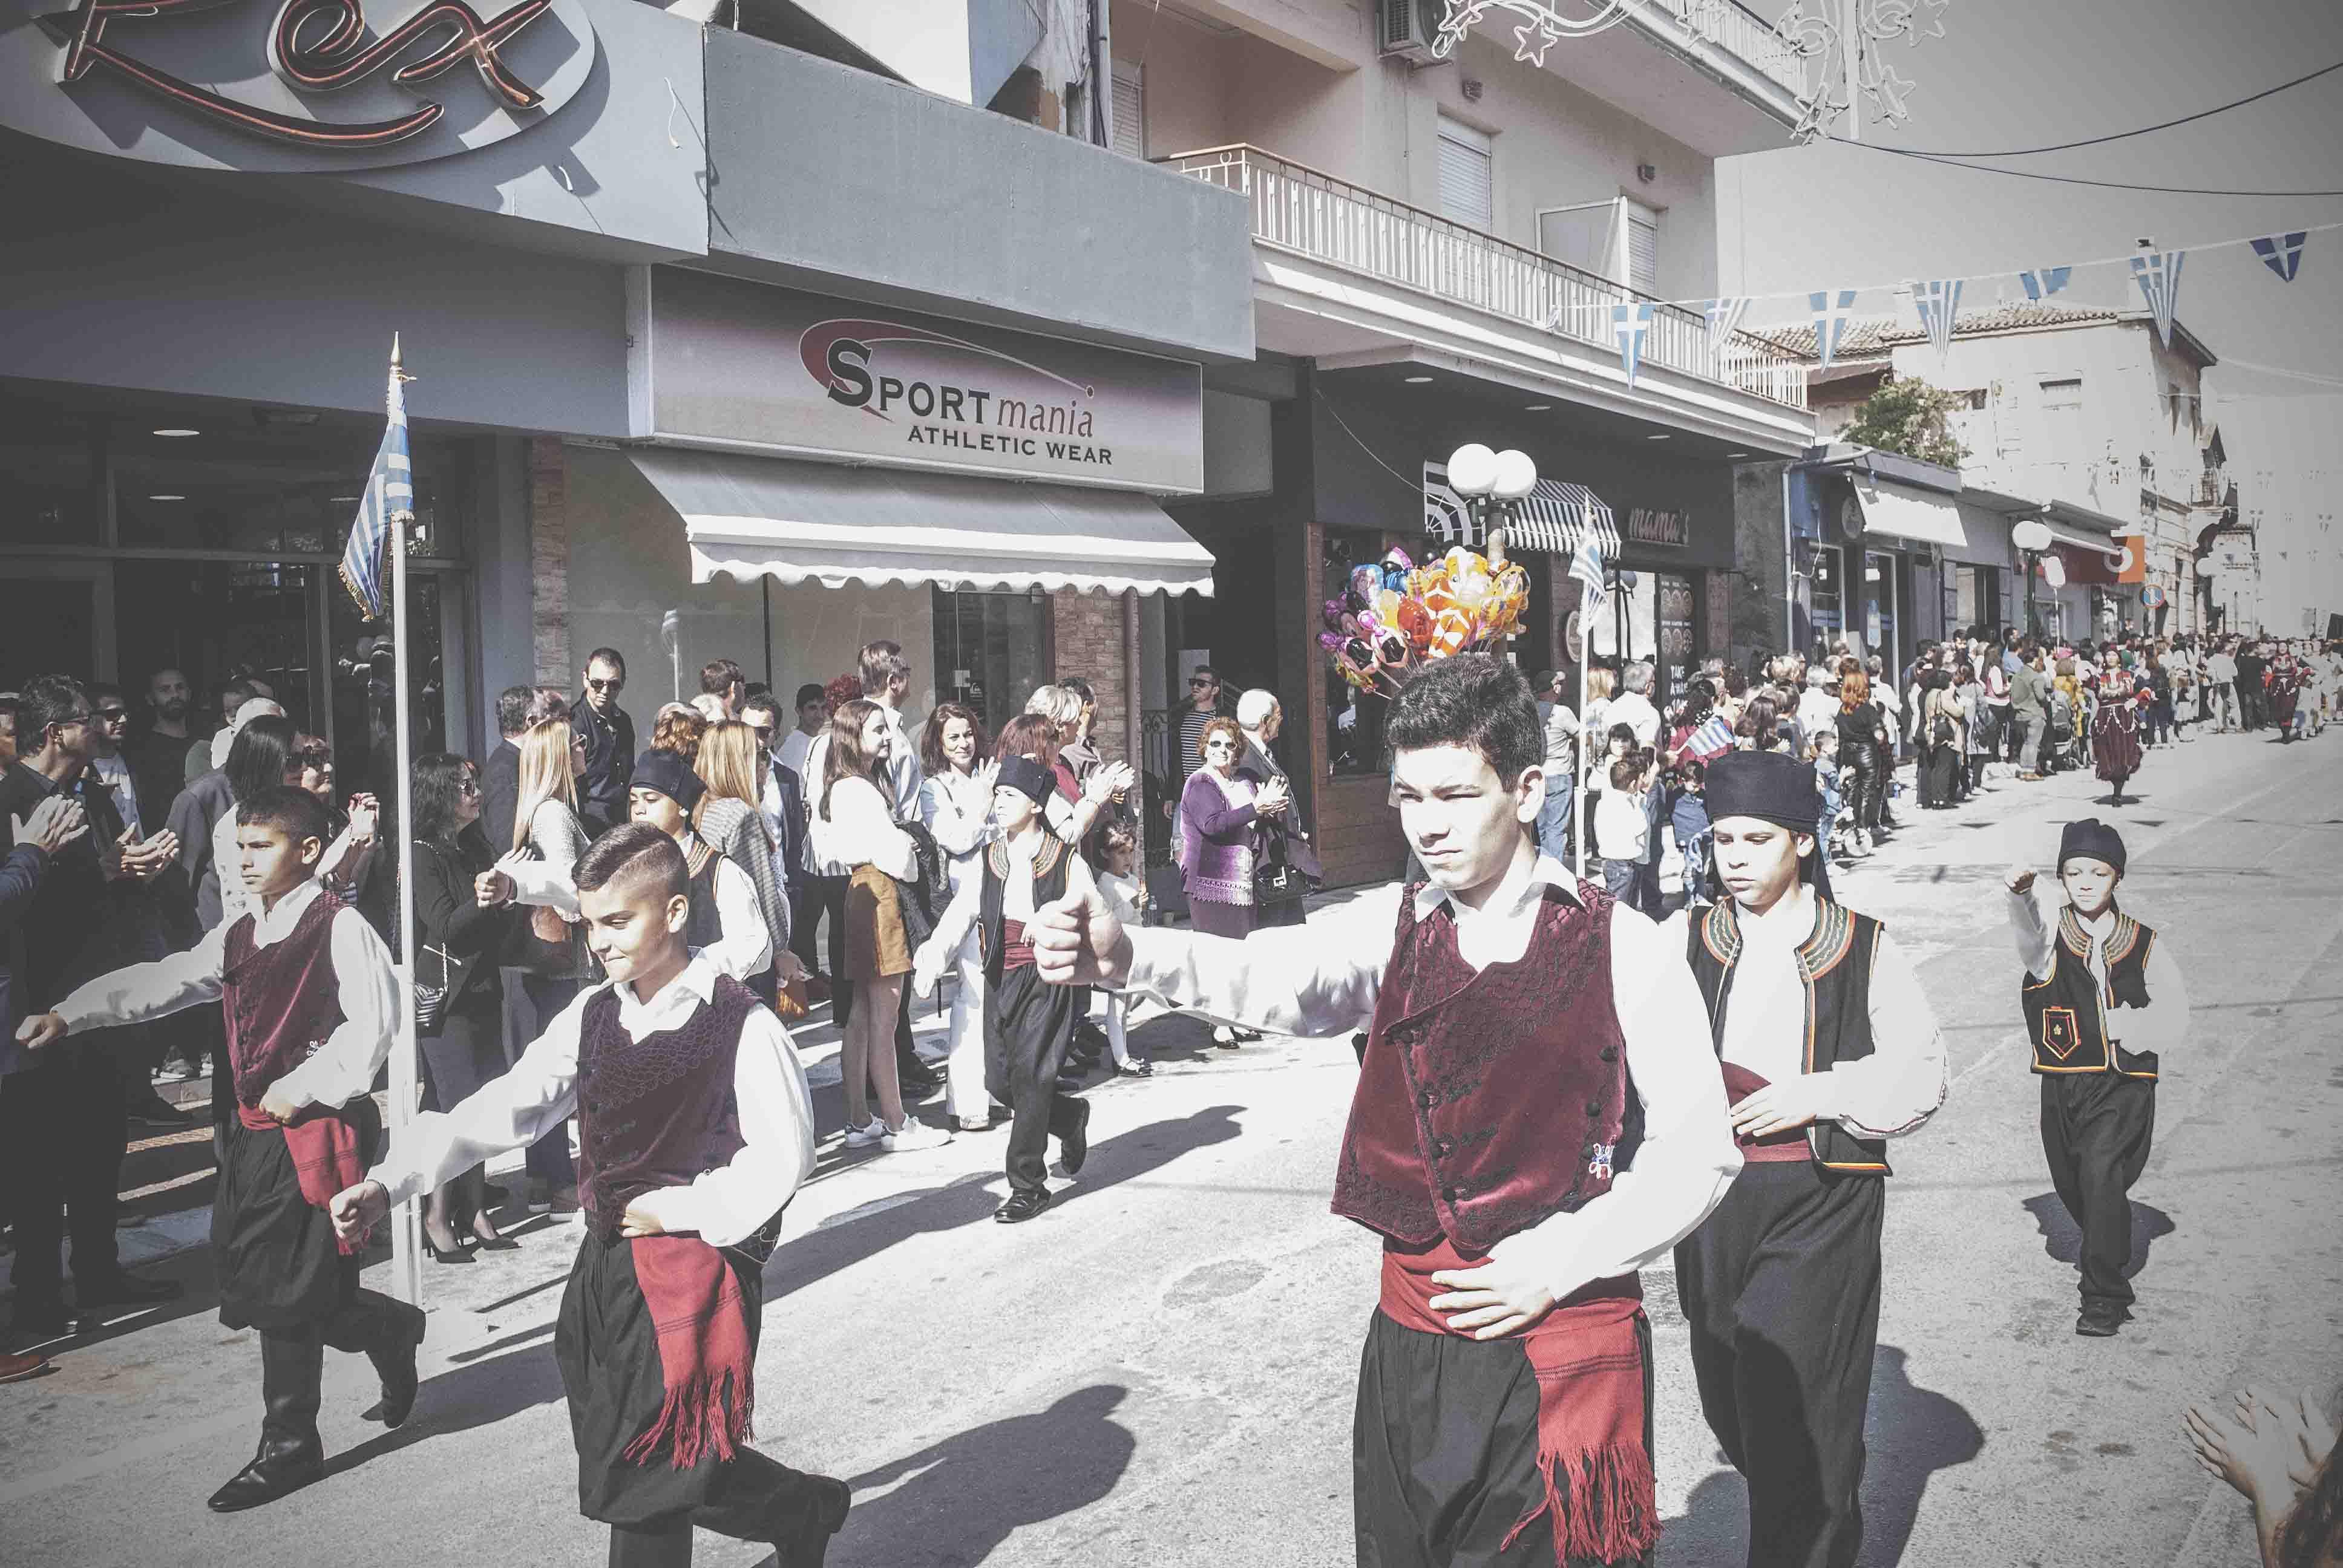 Φωτογραφικό υλικό από την παρέλαση στα Ψαχνά Φωτογραφικό υλικό από την παρέλαση στα Ψαχνά DSC 0327